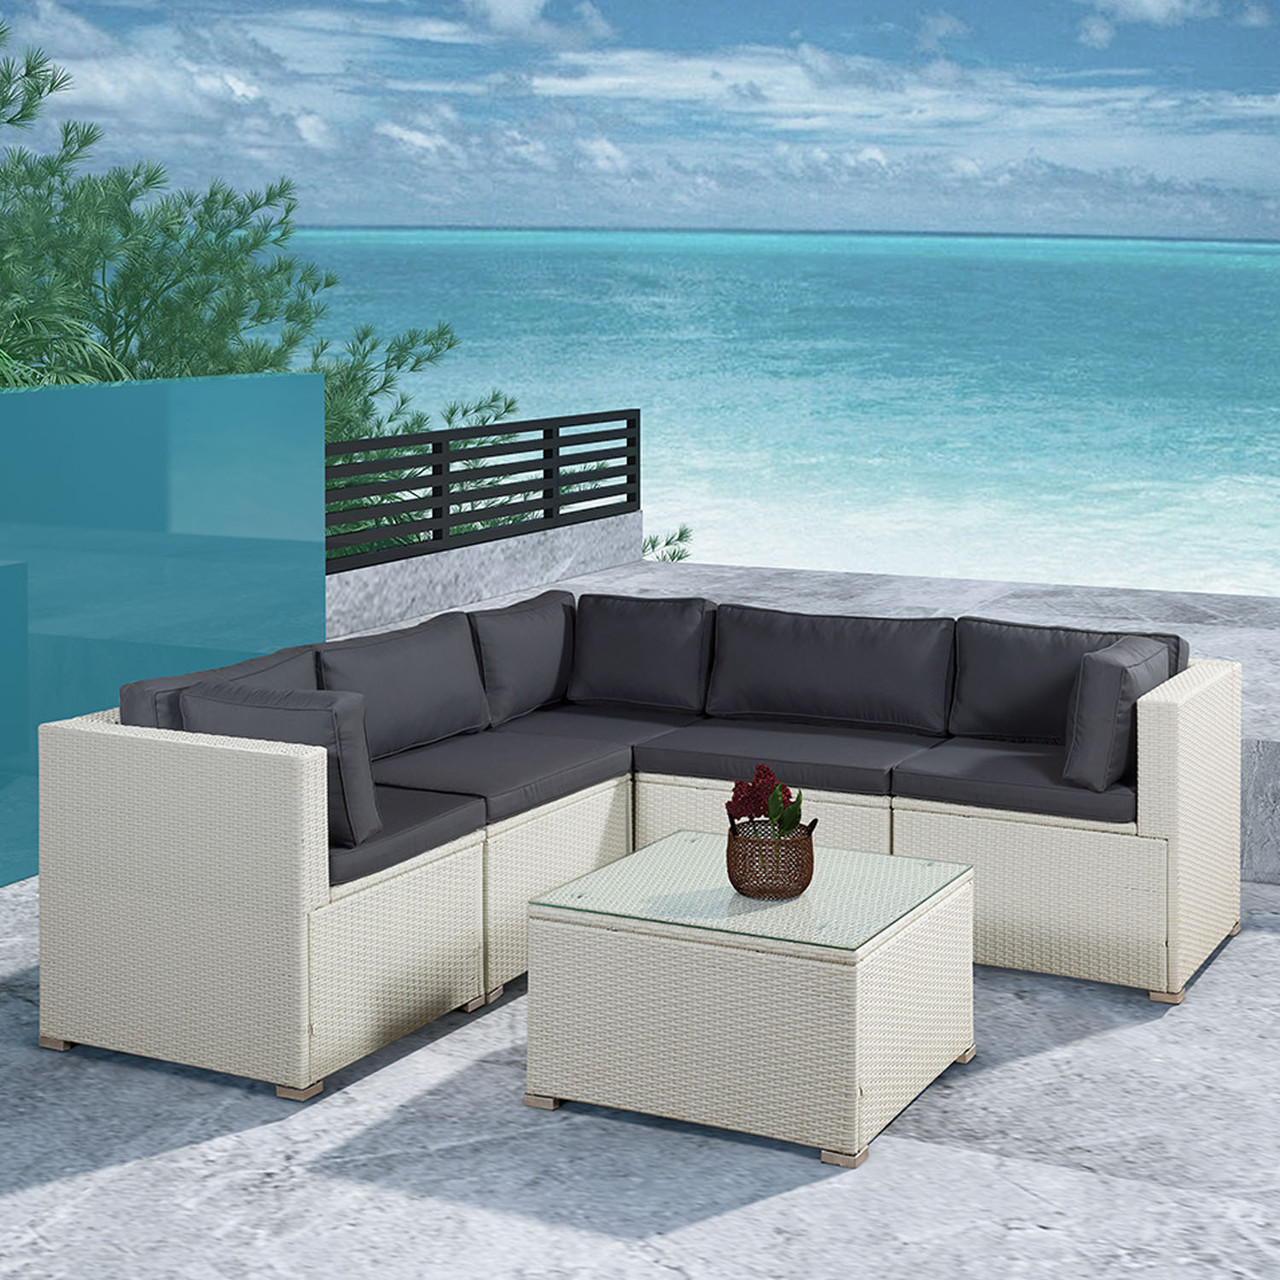 Елегантный угловой диван со столиком из ротанга!